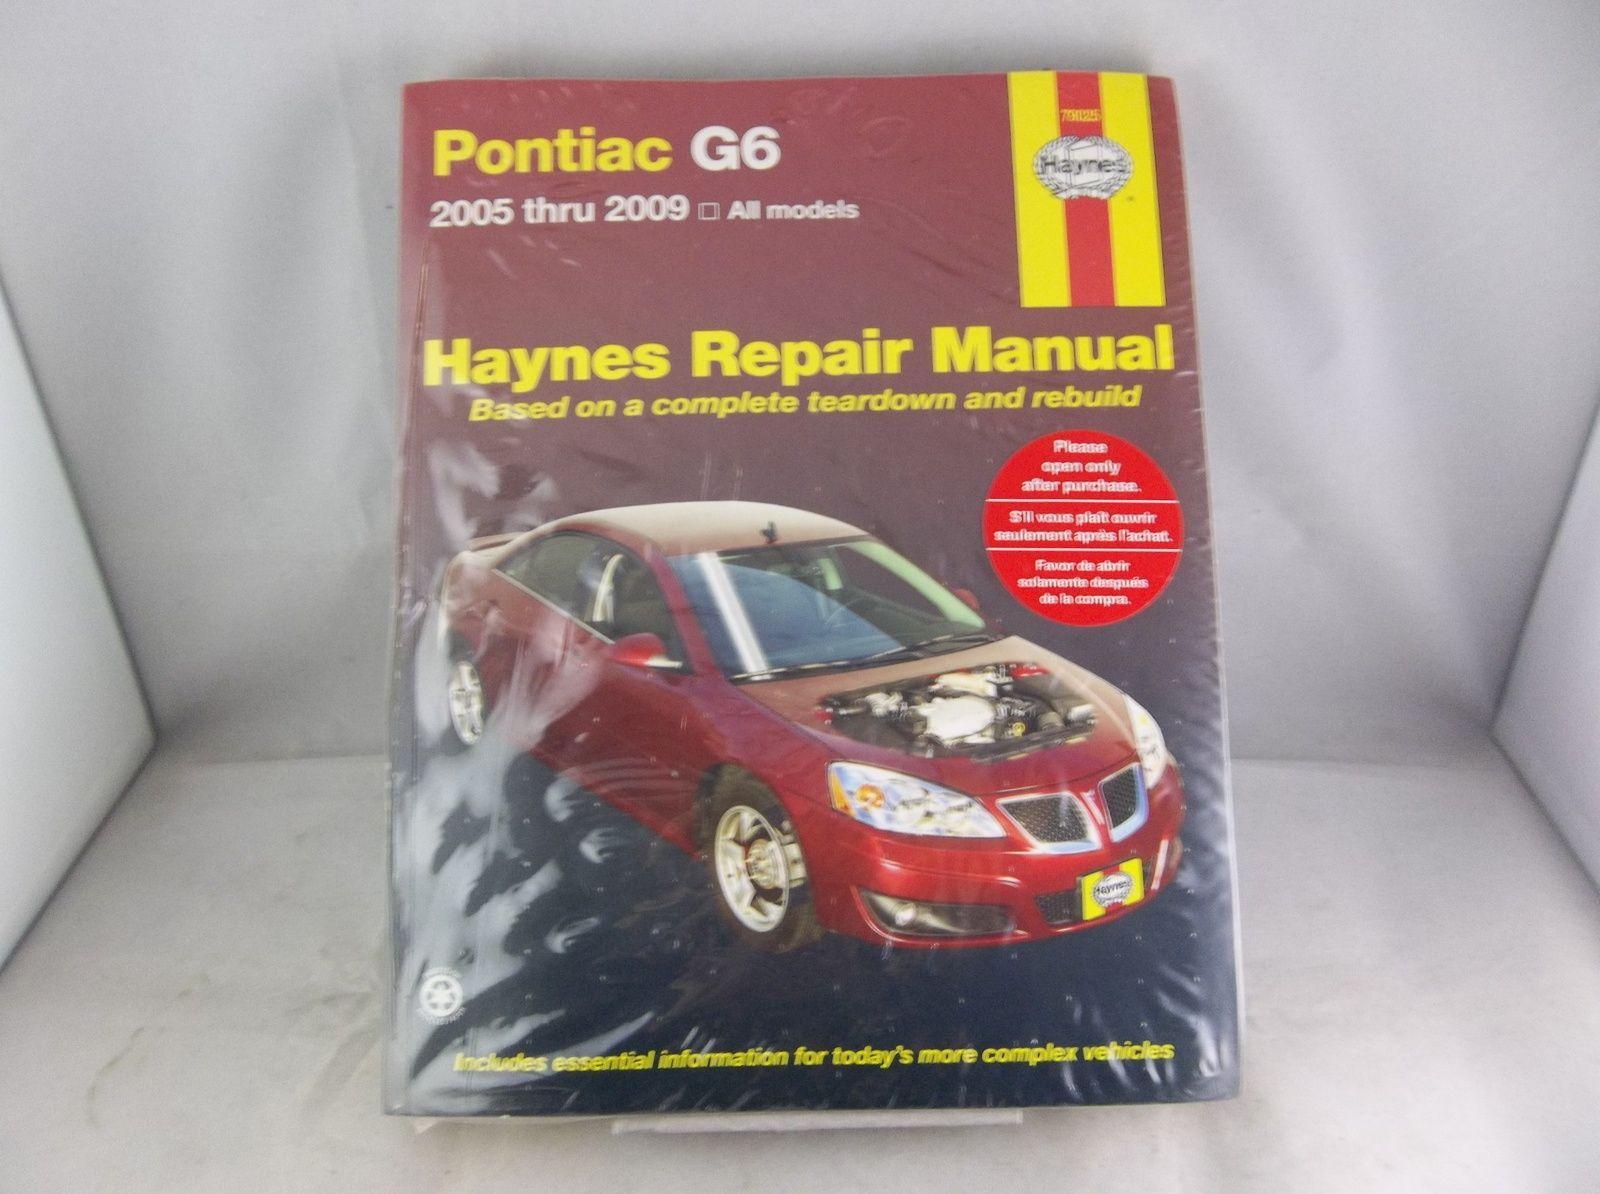 2005 2009 Pontiac G6 Haynes Repair Manual Book 79025 Haynes Repairmanual Books Literature Repair Pontiac G6 Coupe Sedan Repair Manuals Pontiac Repair